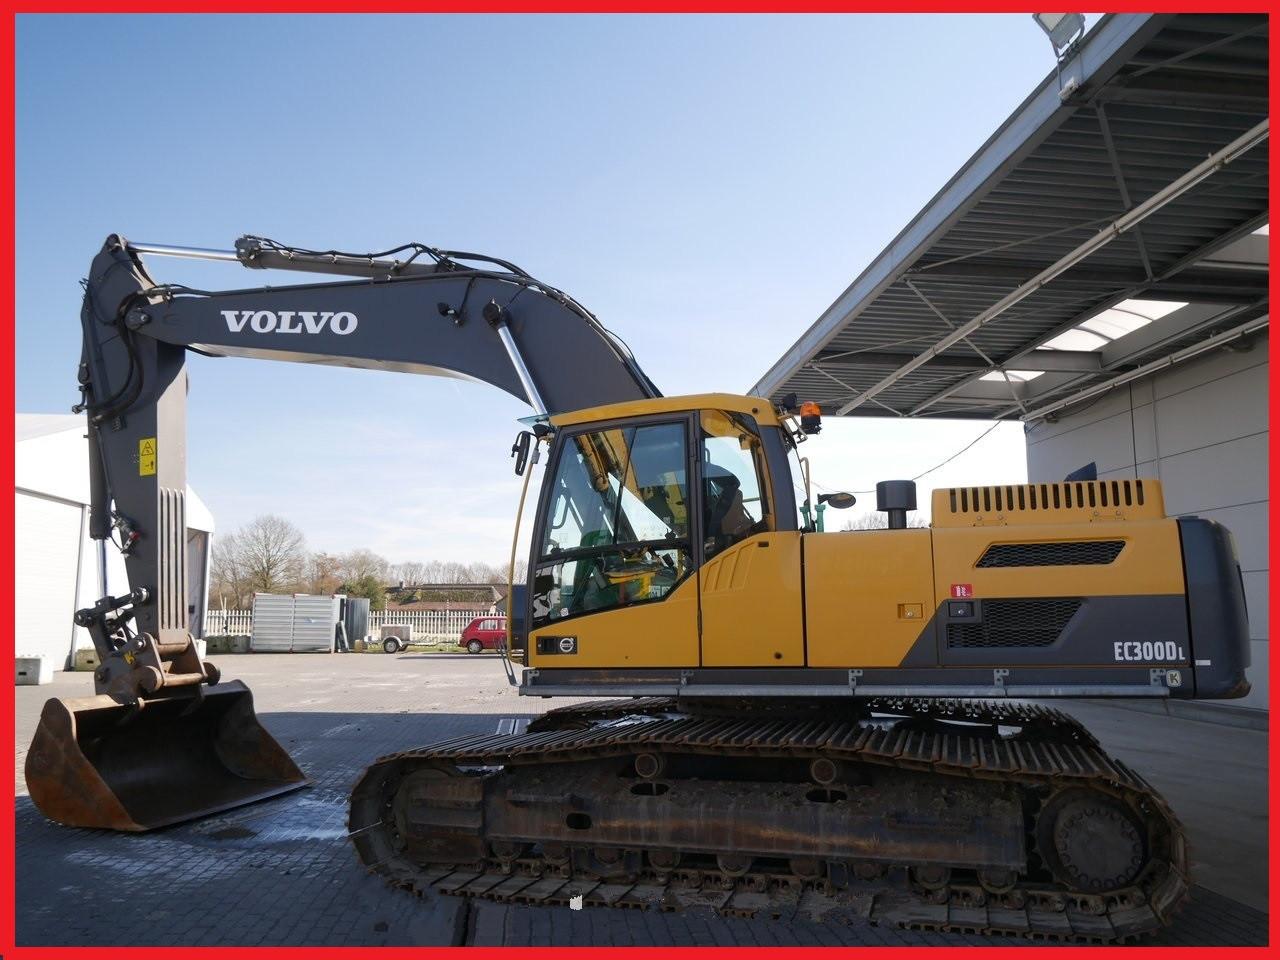 Volvo EC 3000 DL